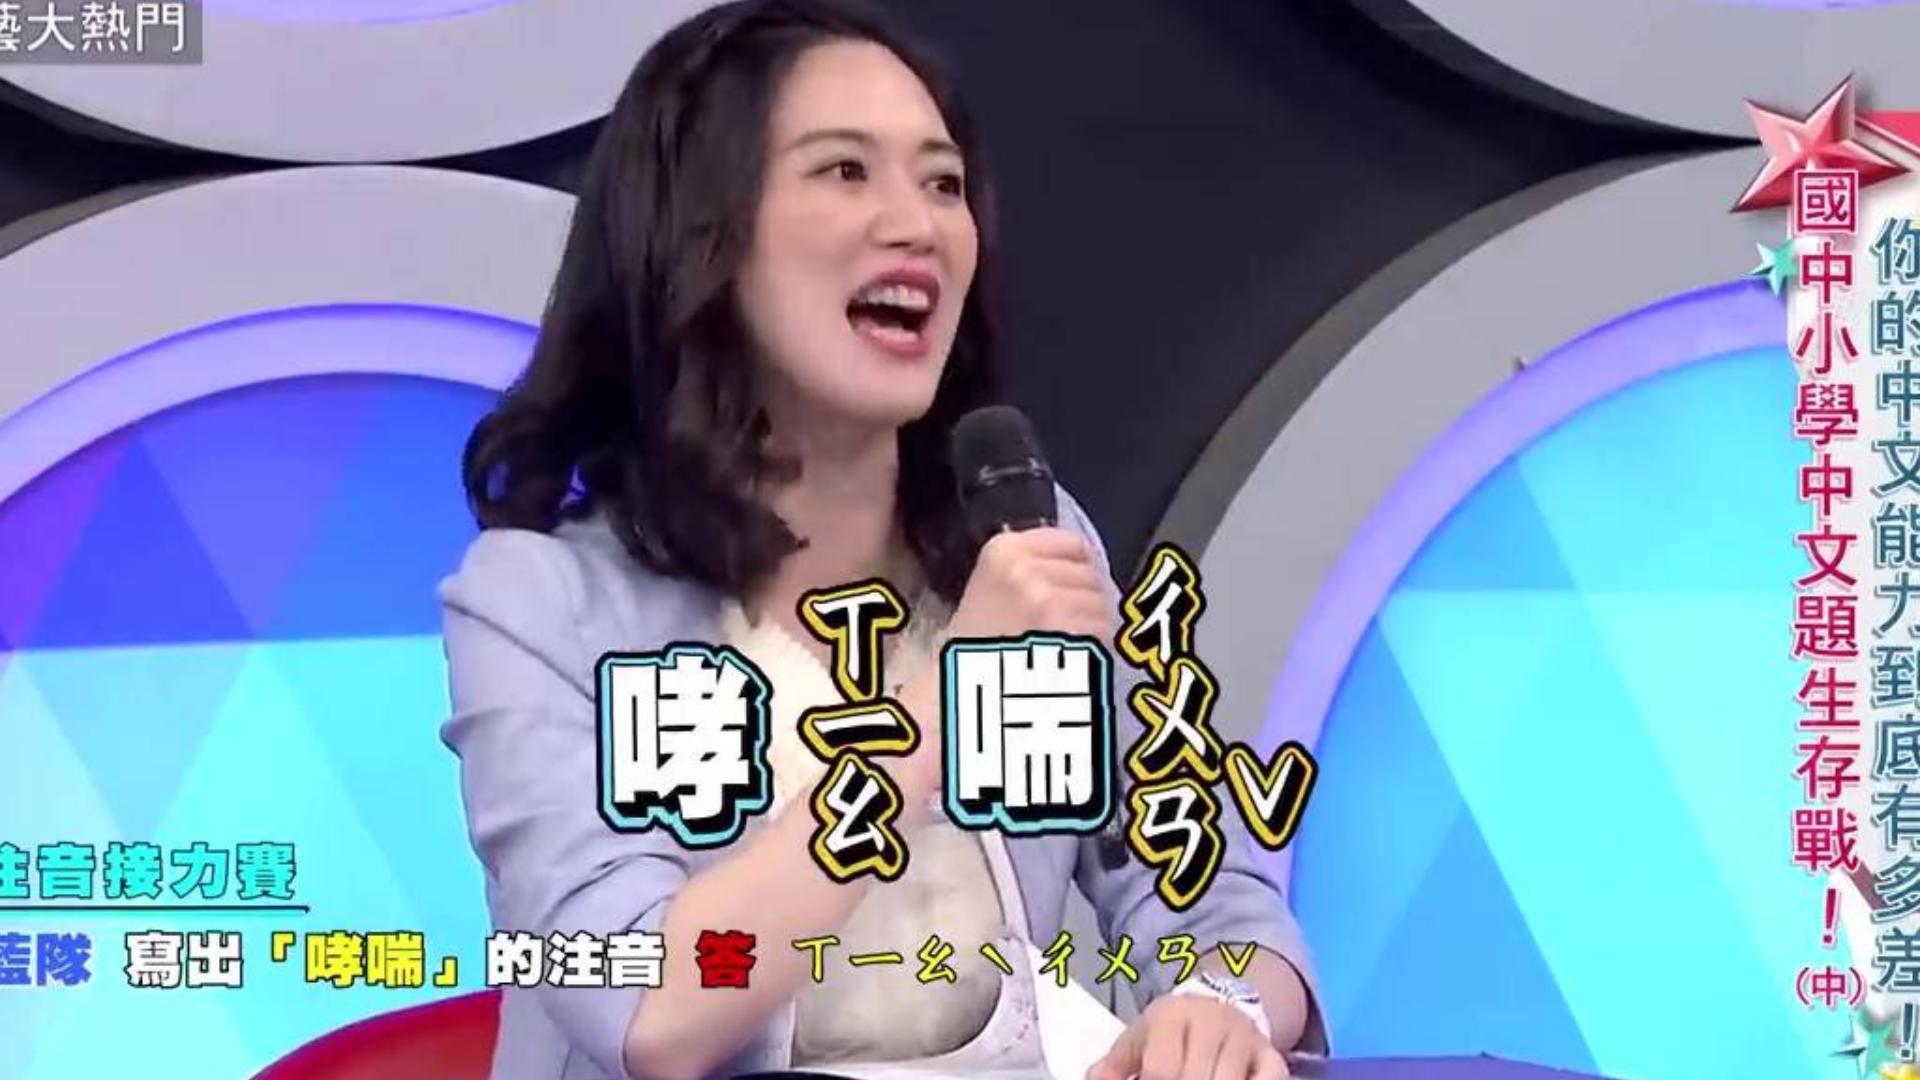 《综艺大热门》注音接力谁是老鼠屎?LALA还走台步,便秘吗?